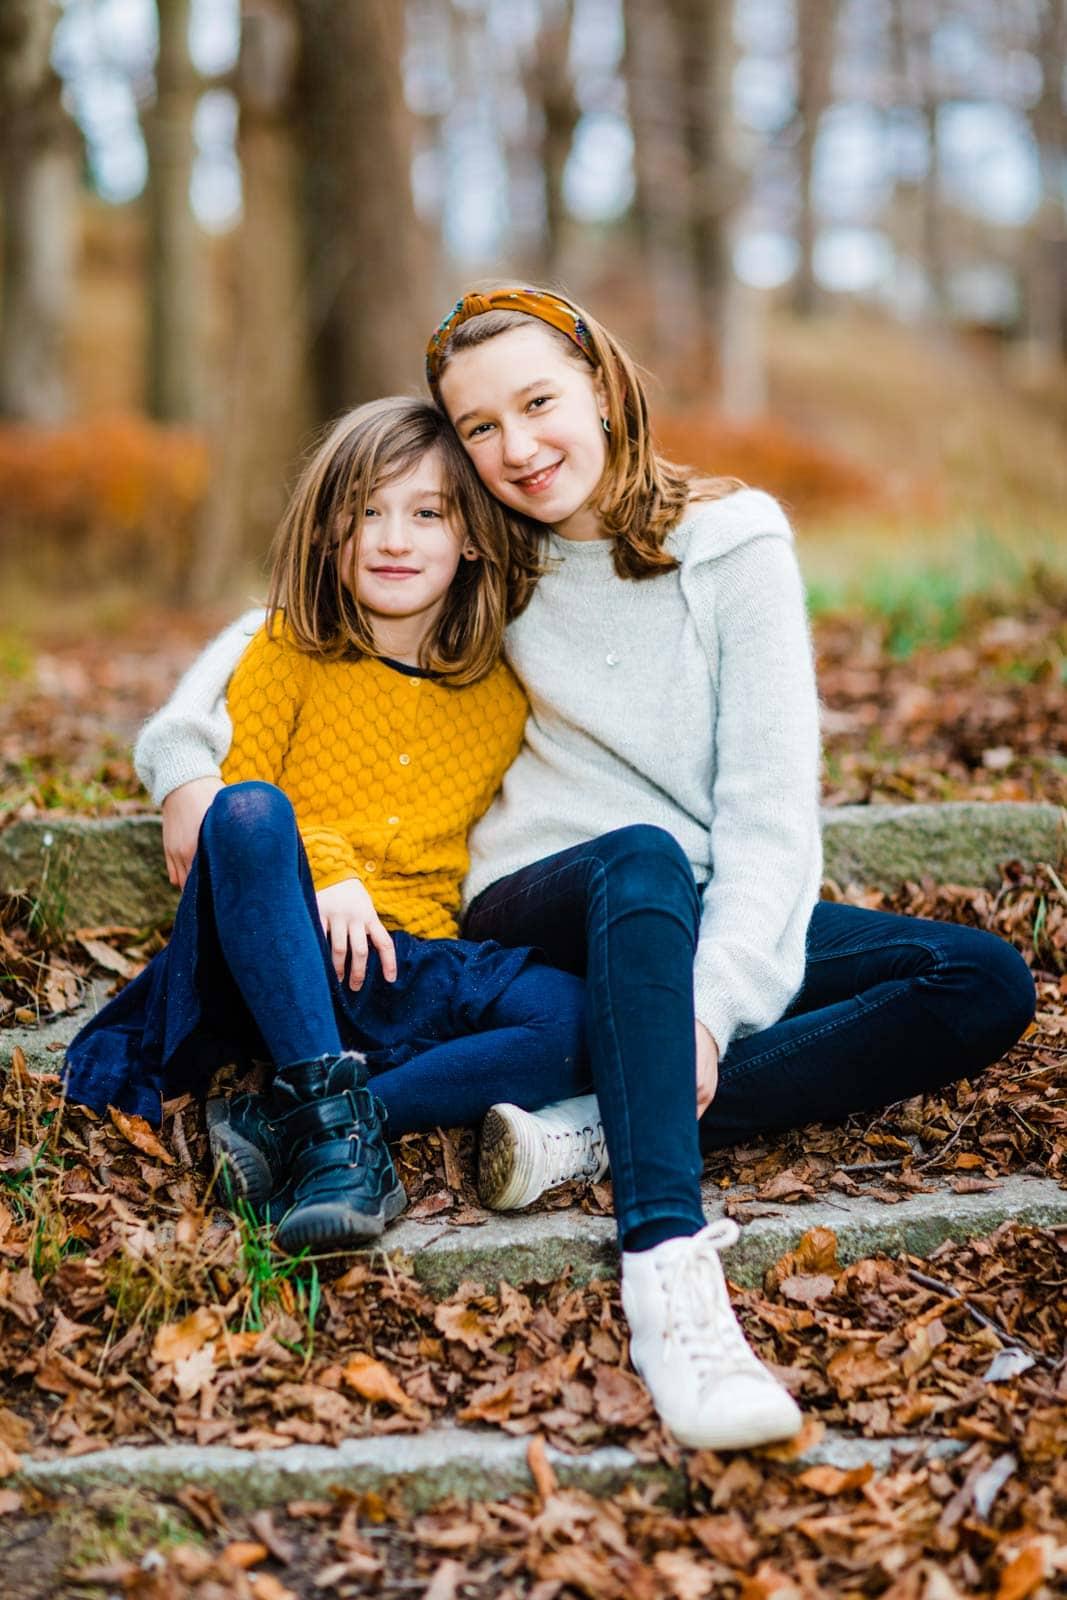 Fotograf af børn i naturen